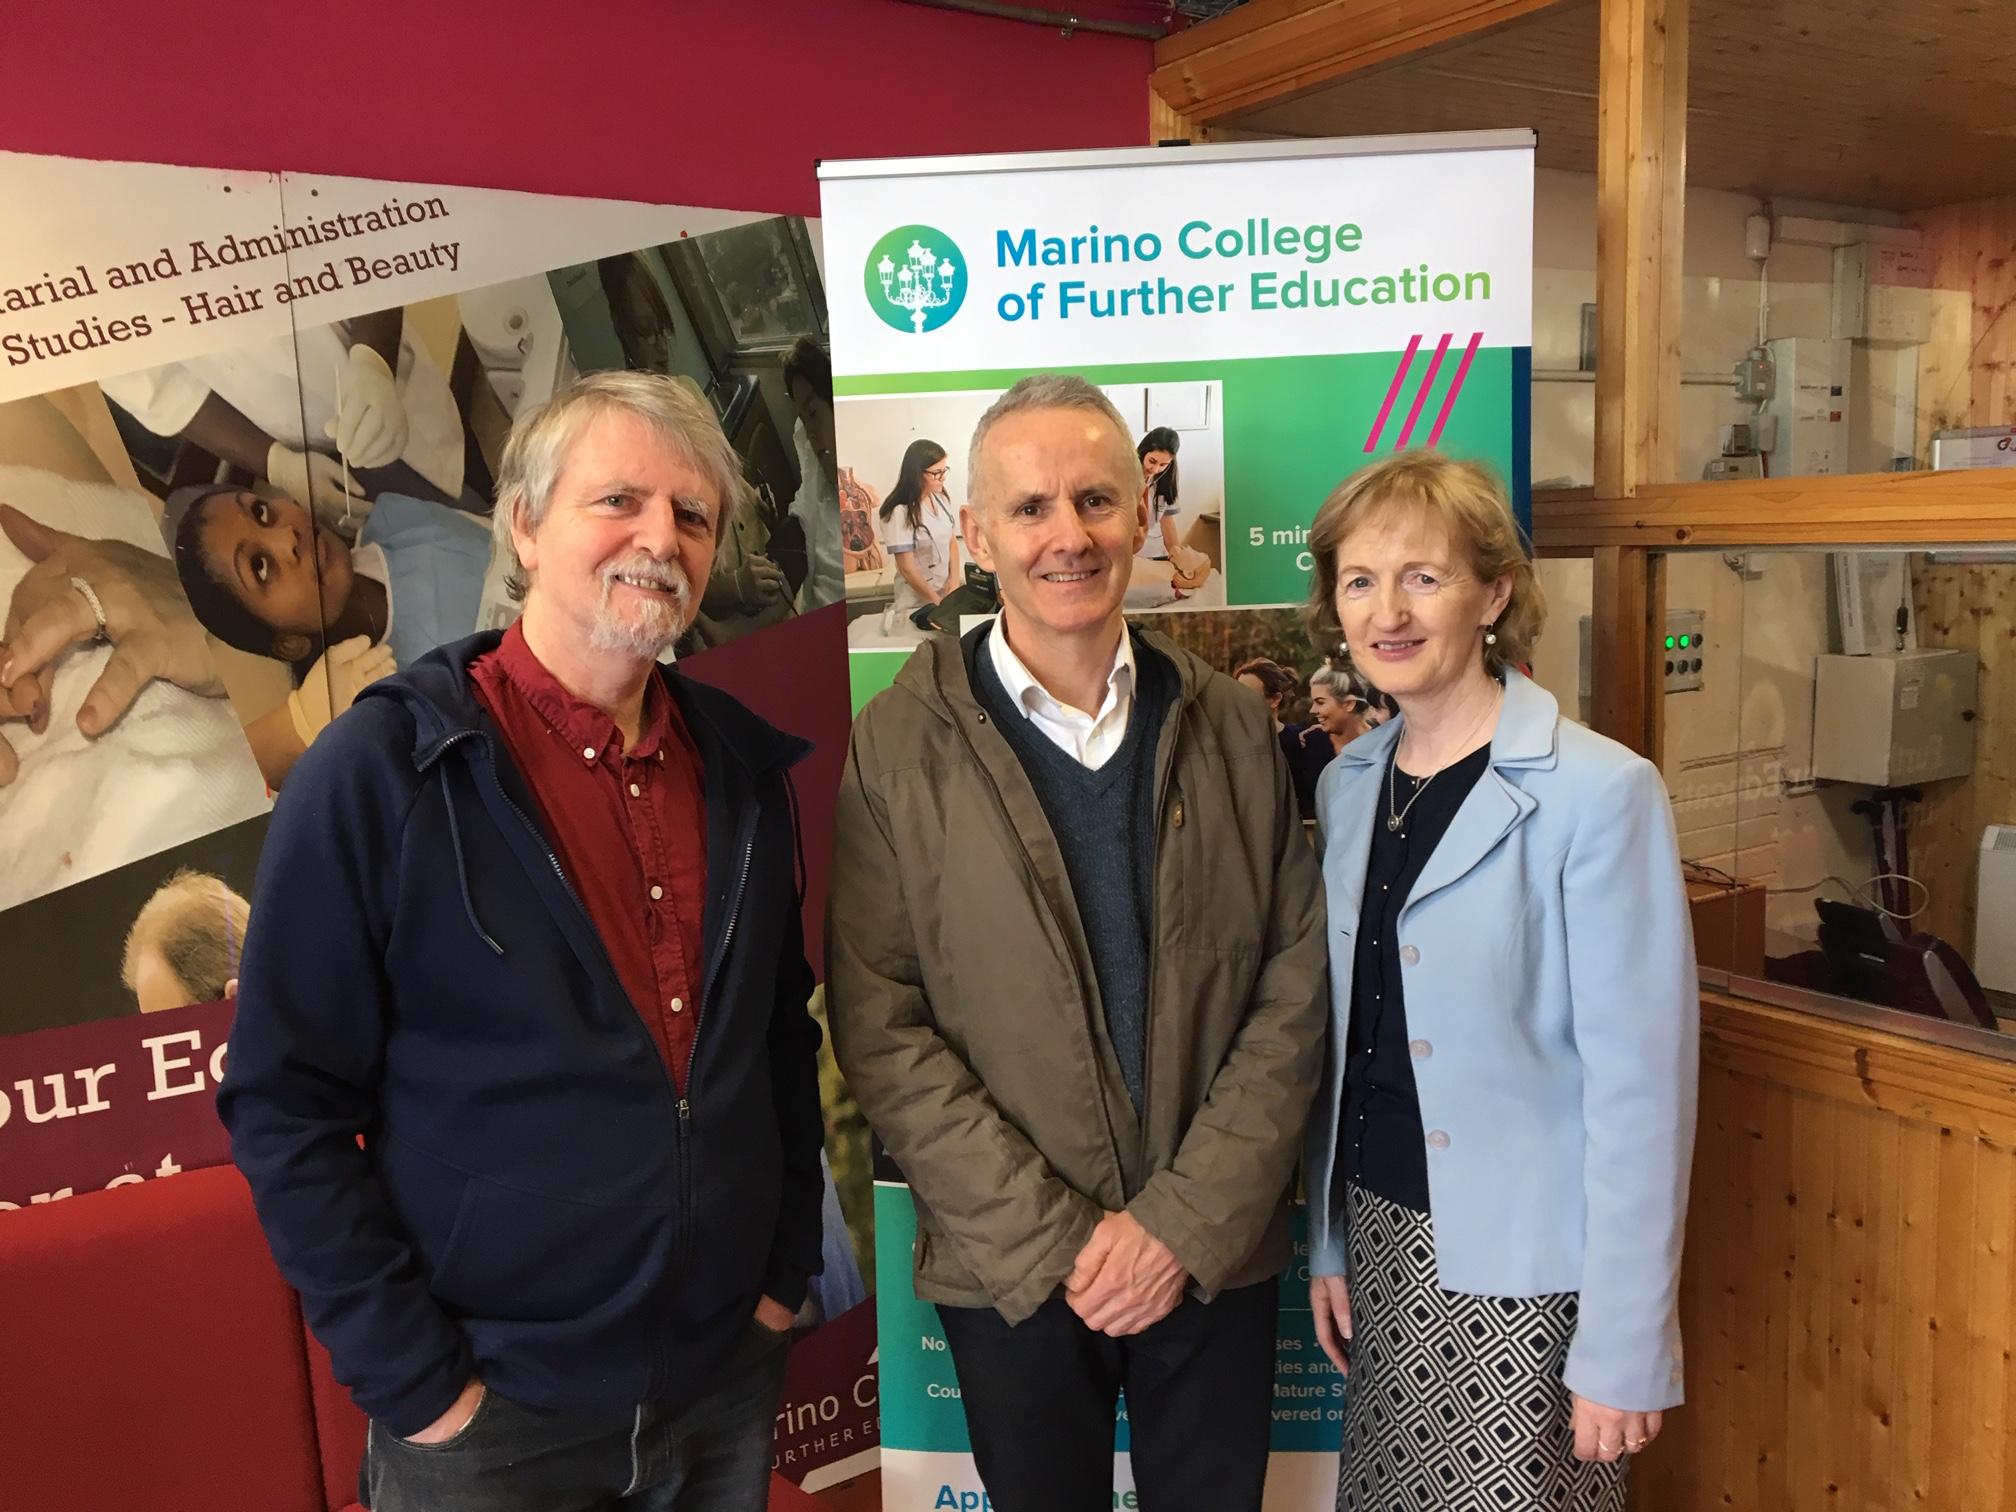 Photography Course Director Frank Barr, Green Party Councillor Ciaran Cuffe, Principal Mary McAteer